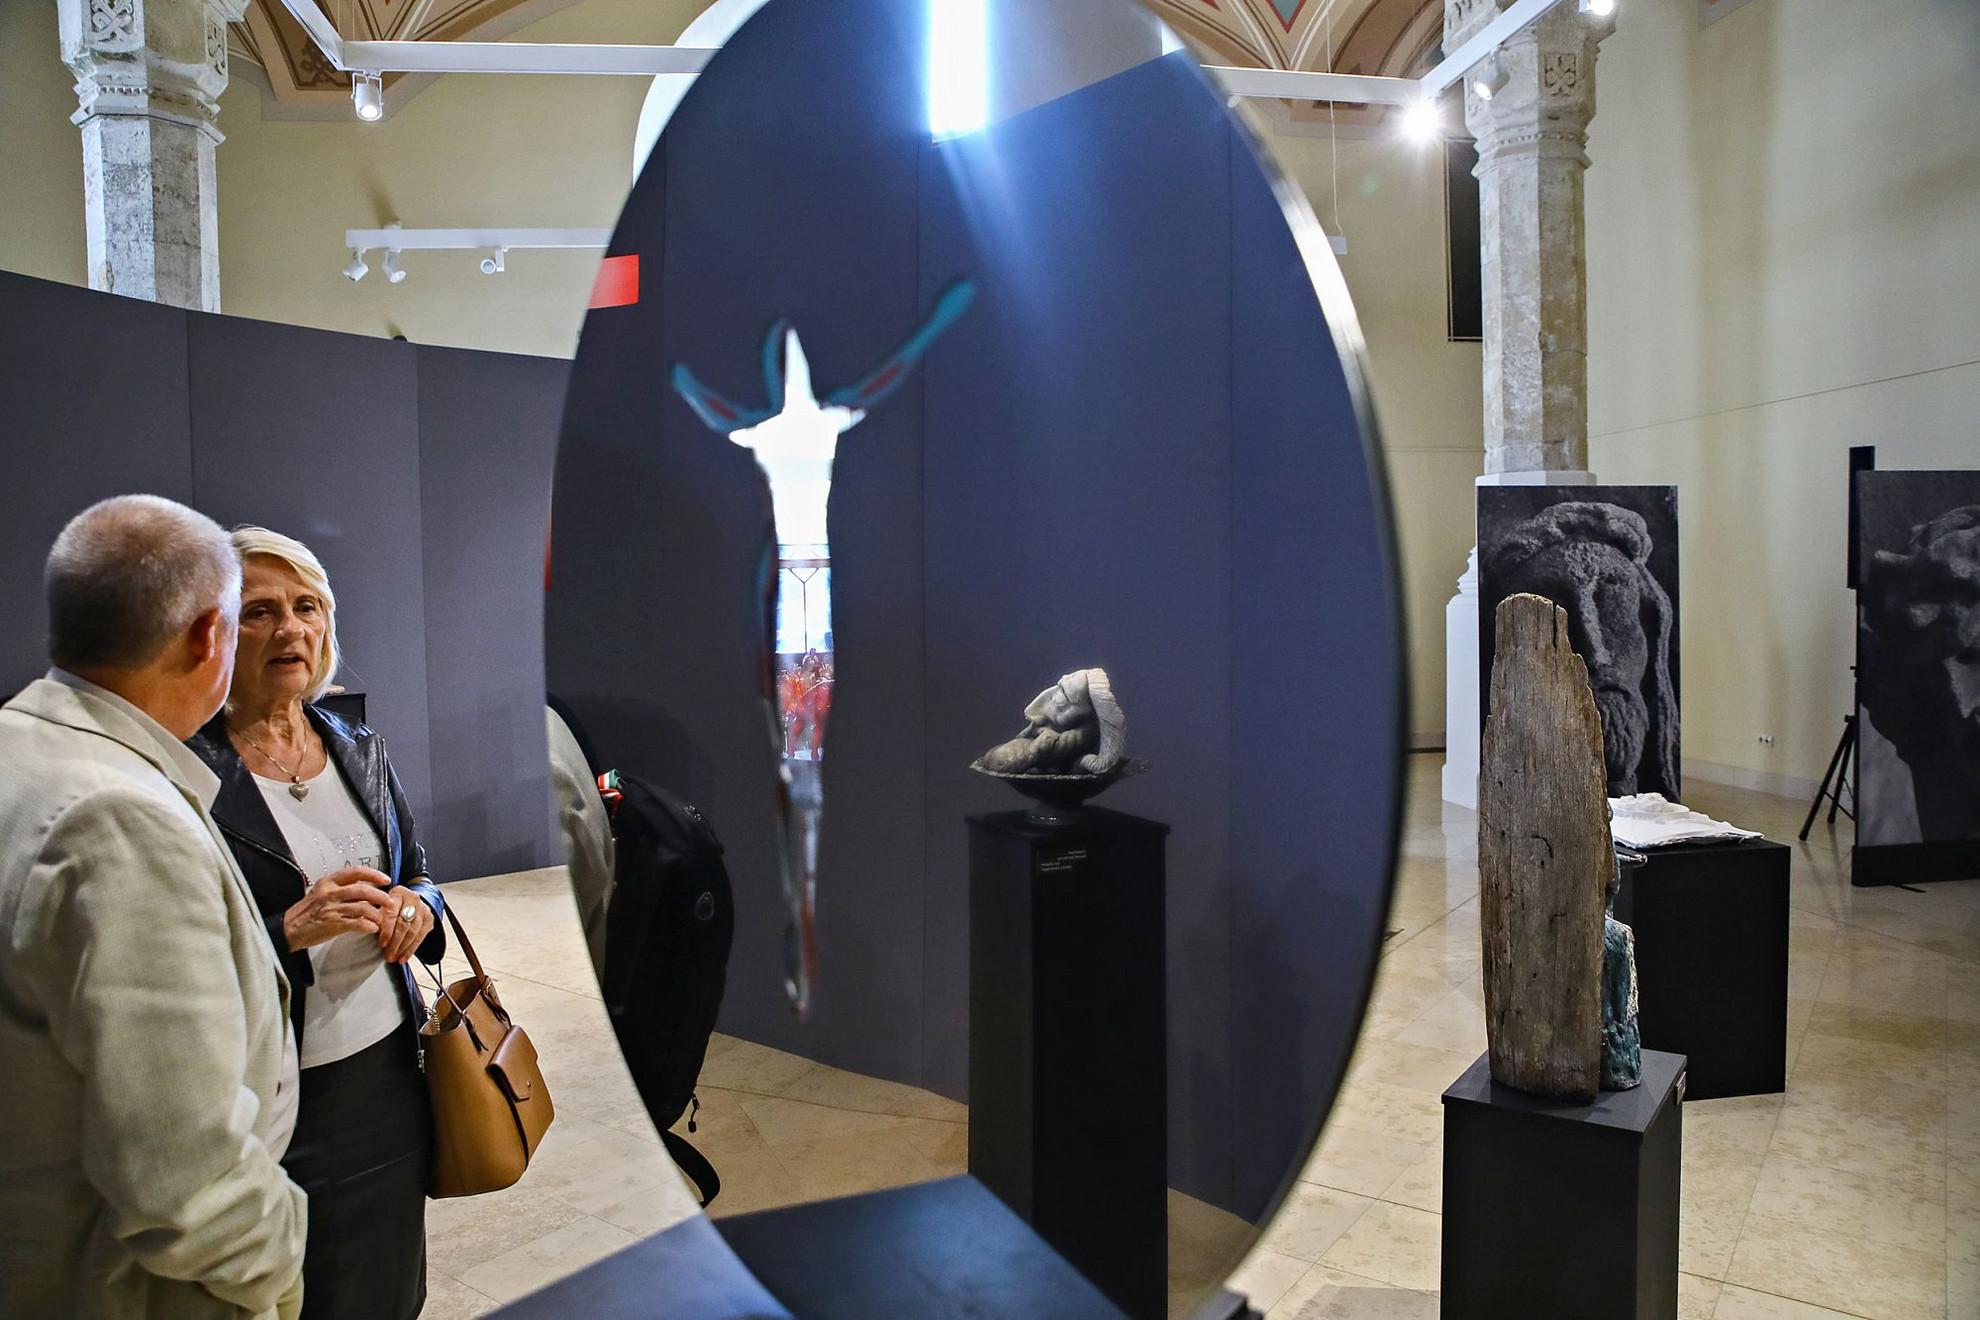 Az átlényegülést és a hitet is meg tudták jeleníteni a művészek